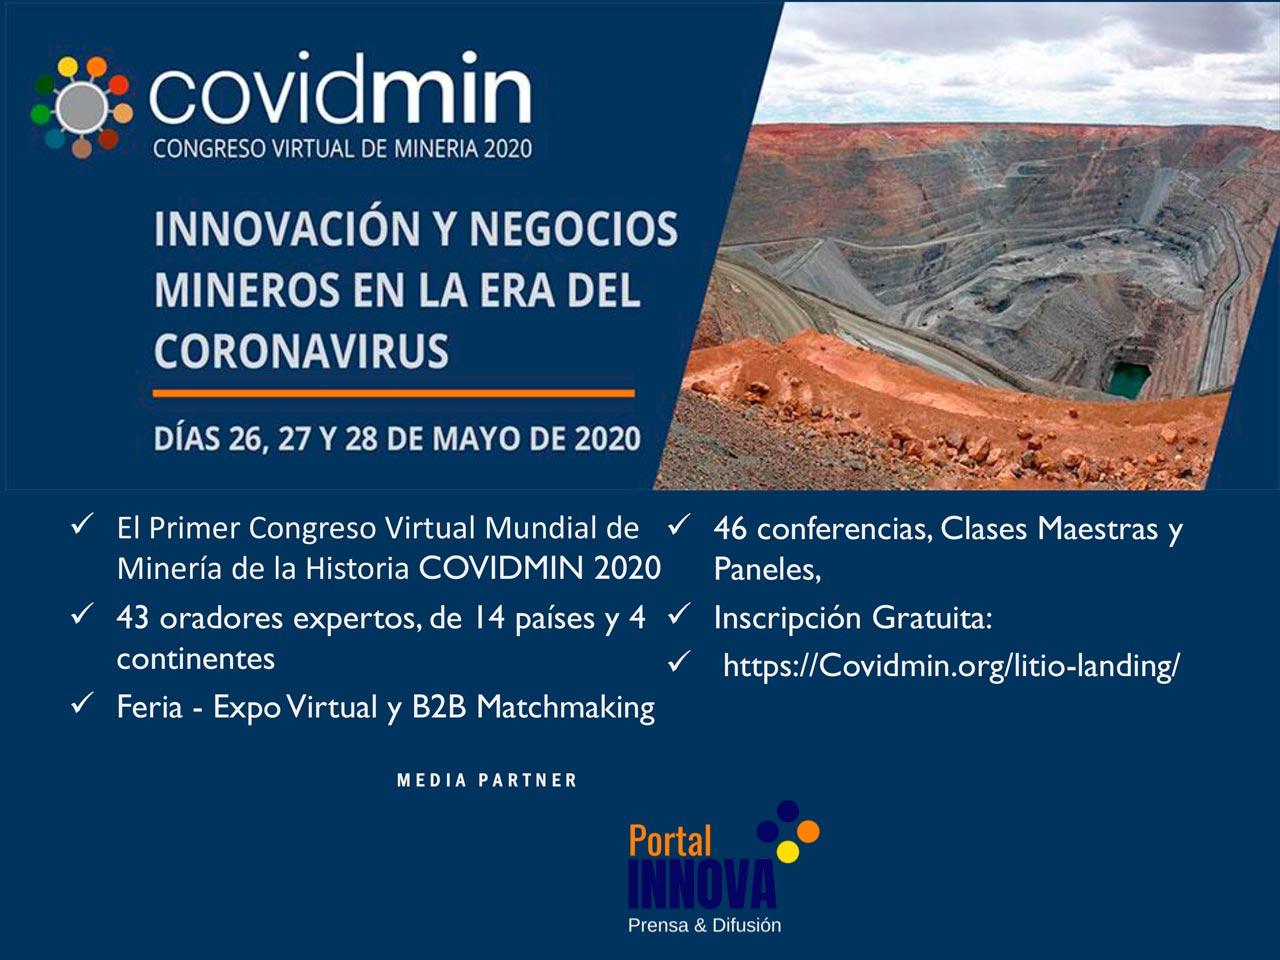 COVIDMIN 2020: Primer Congreso Virtual Mundial de Minería y Coronavirus